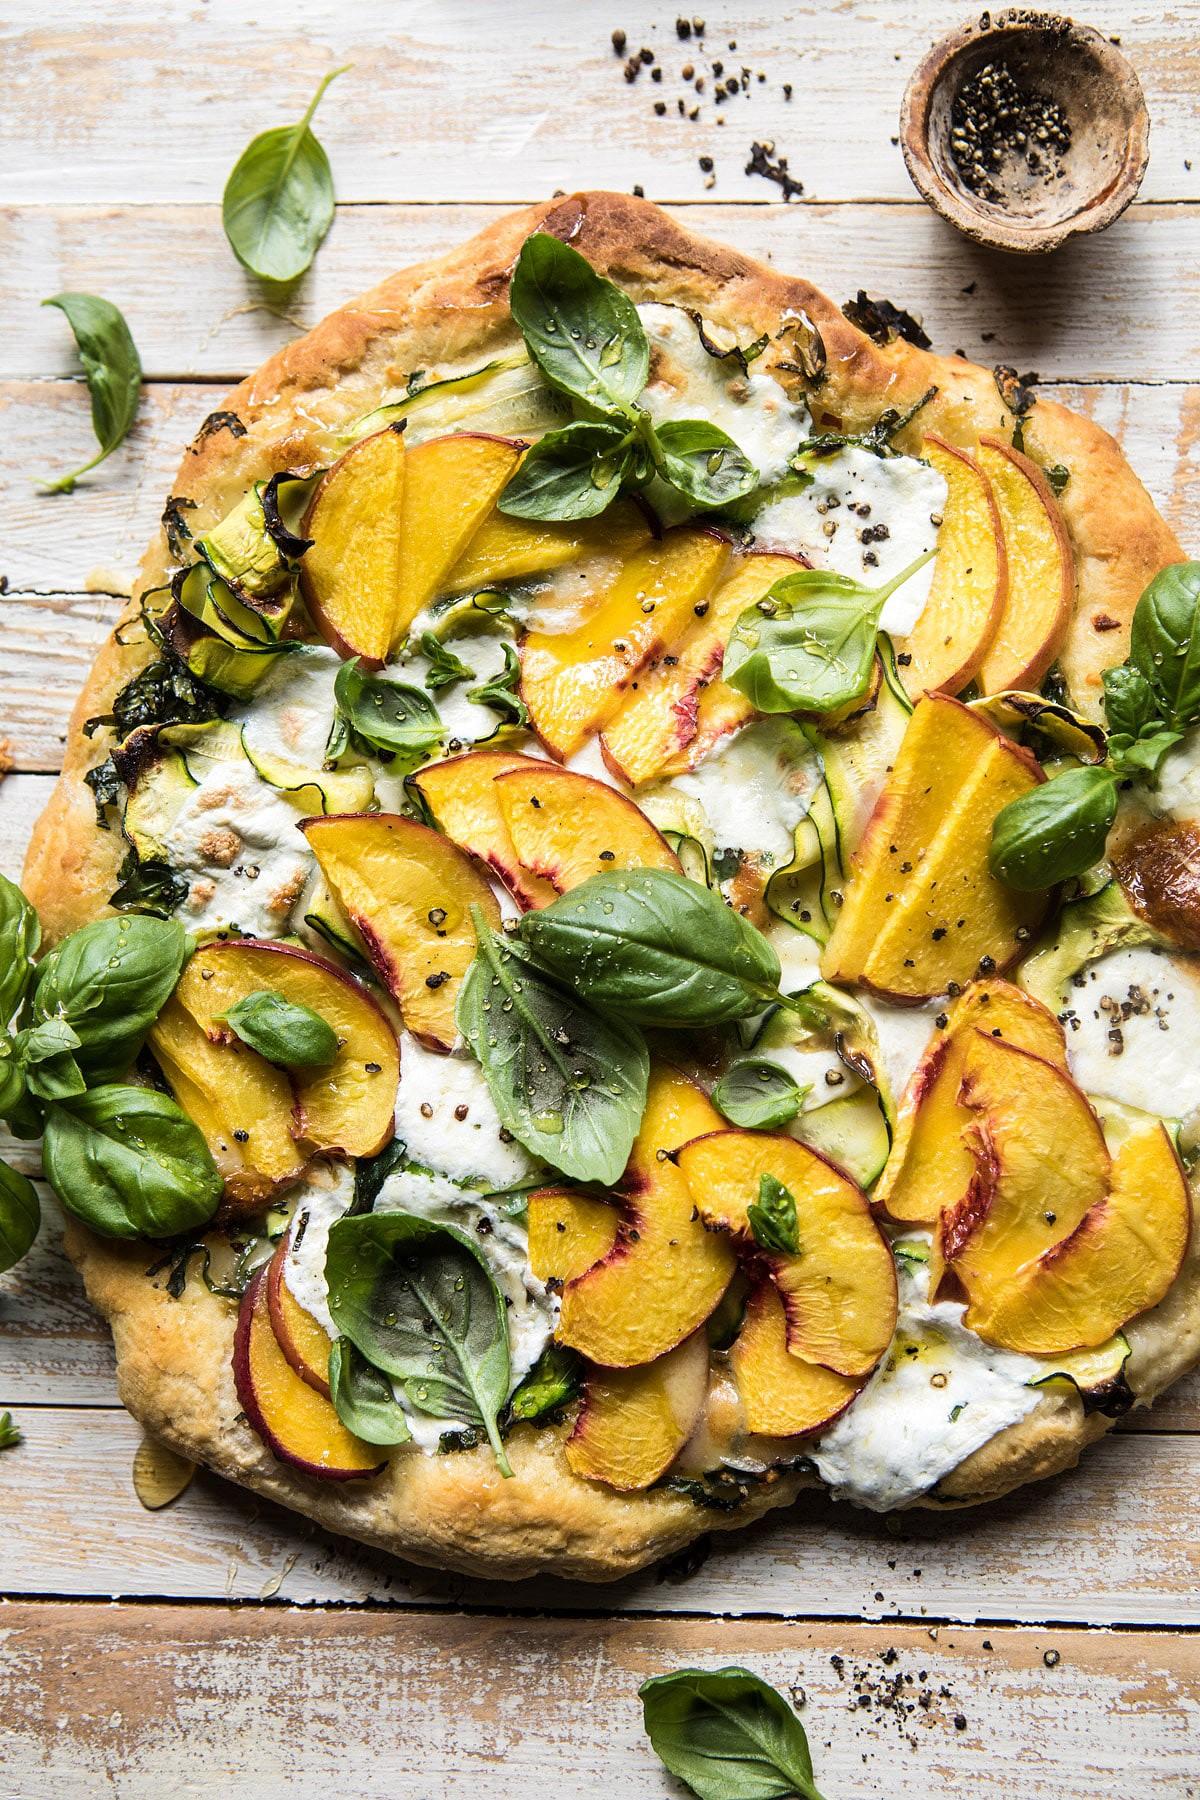 Pesto-Zucchini-and-Peach-Pizza-with-Burrata-1.jpg